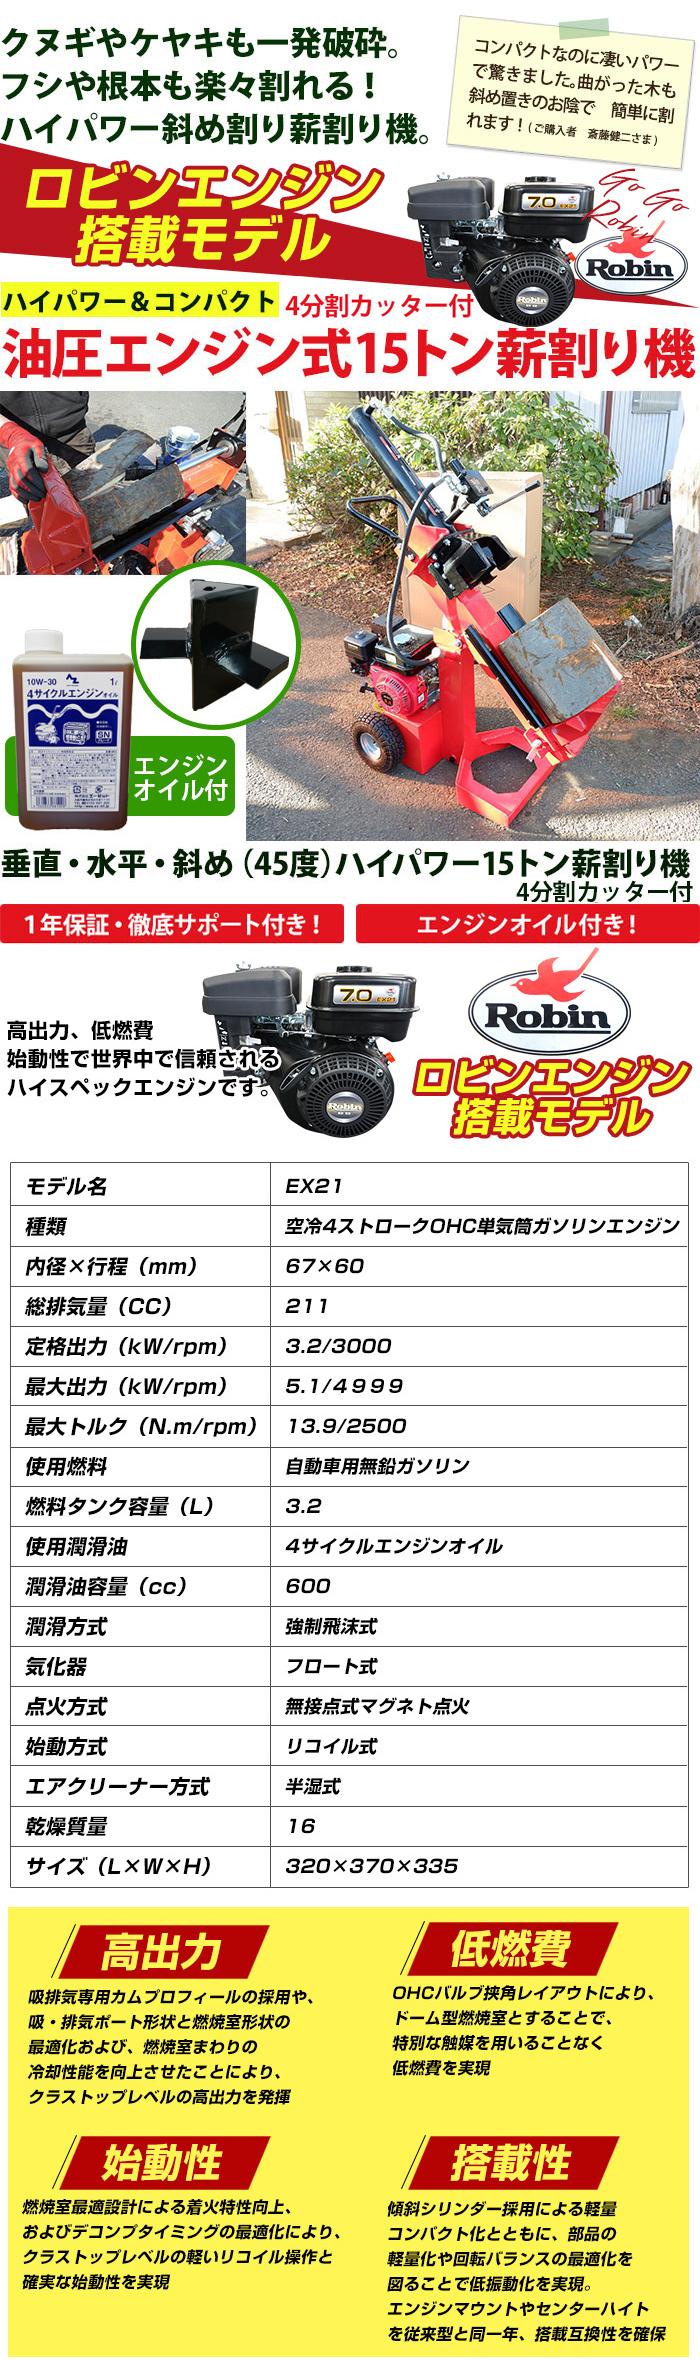 15トンエンジン式油圧薪割り機 【縦横斜め薪割機】 ロビンエンジン搭載モデル